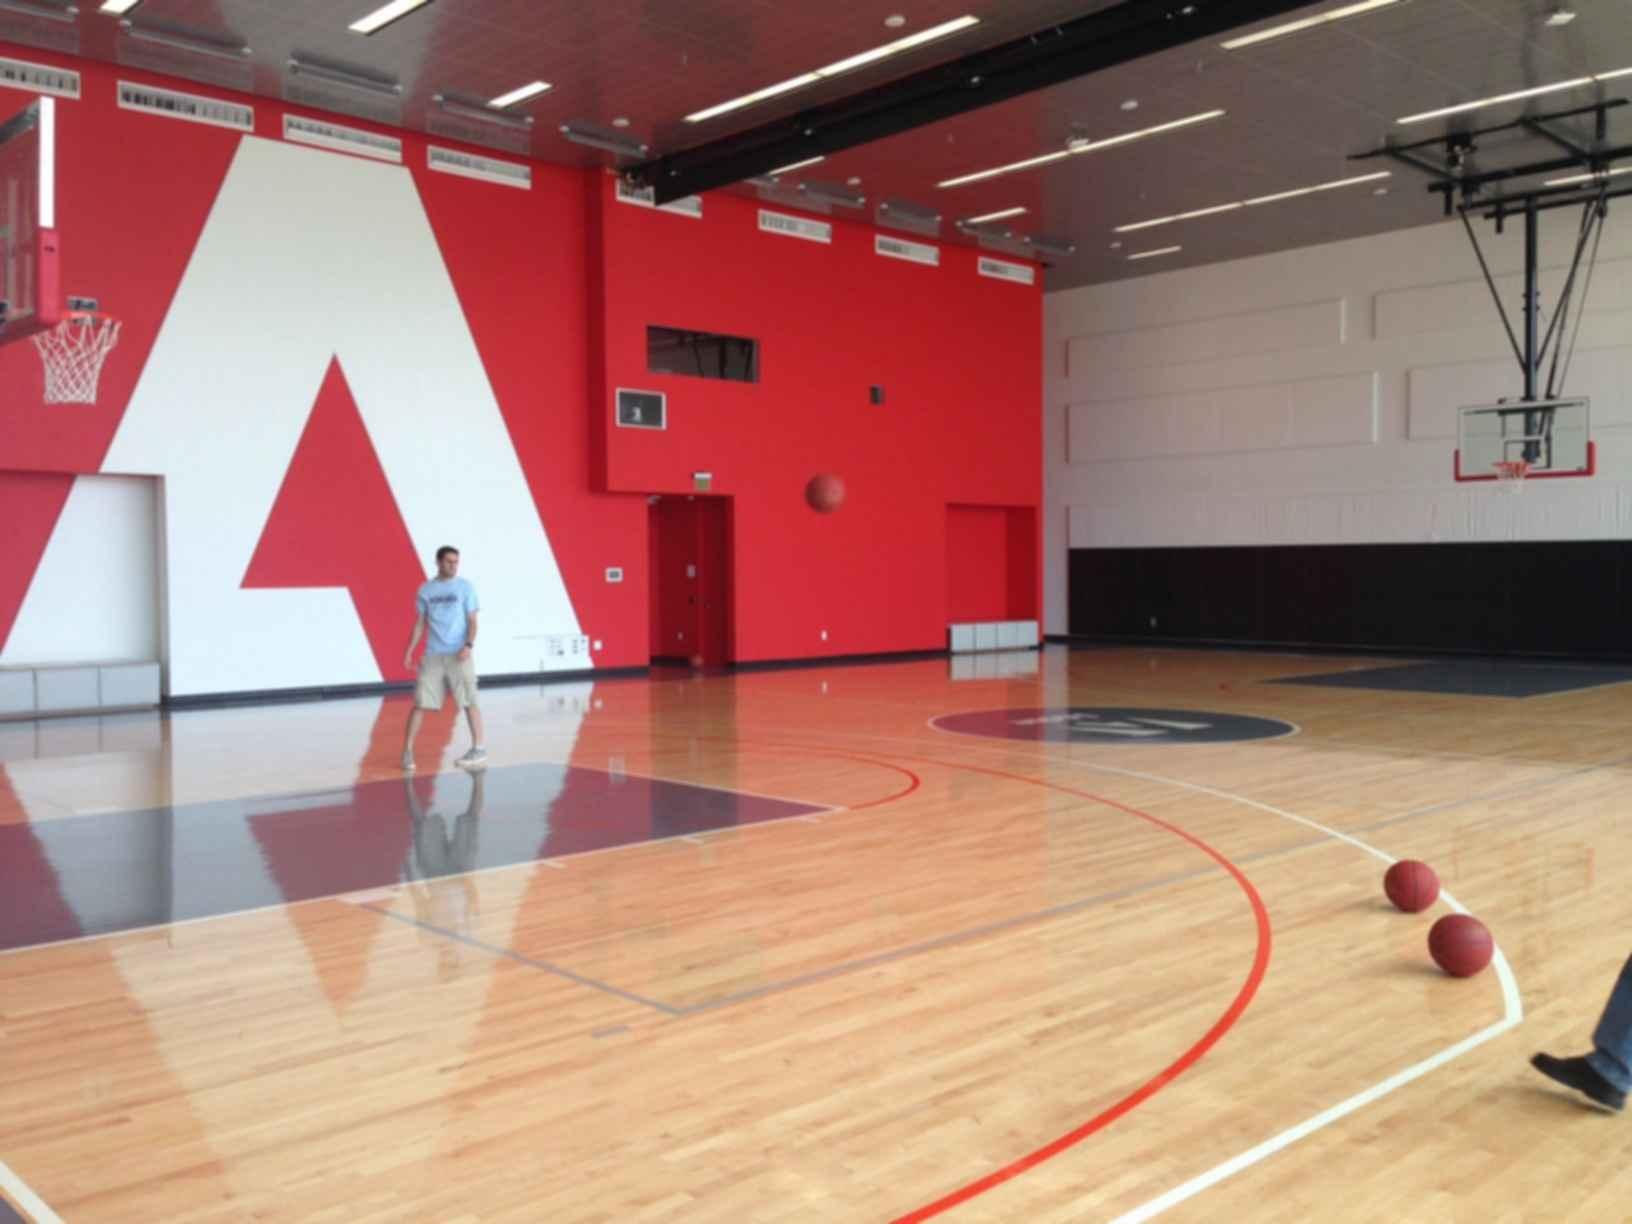 Adobe Utah Campus - Basketball Court